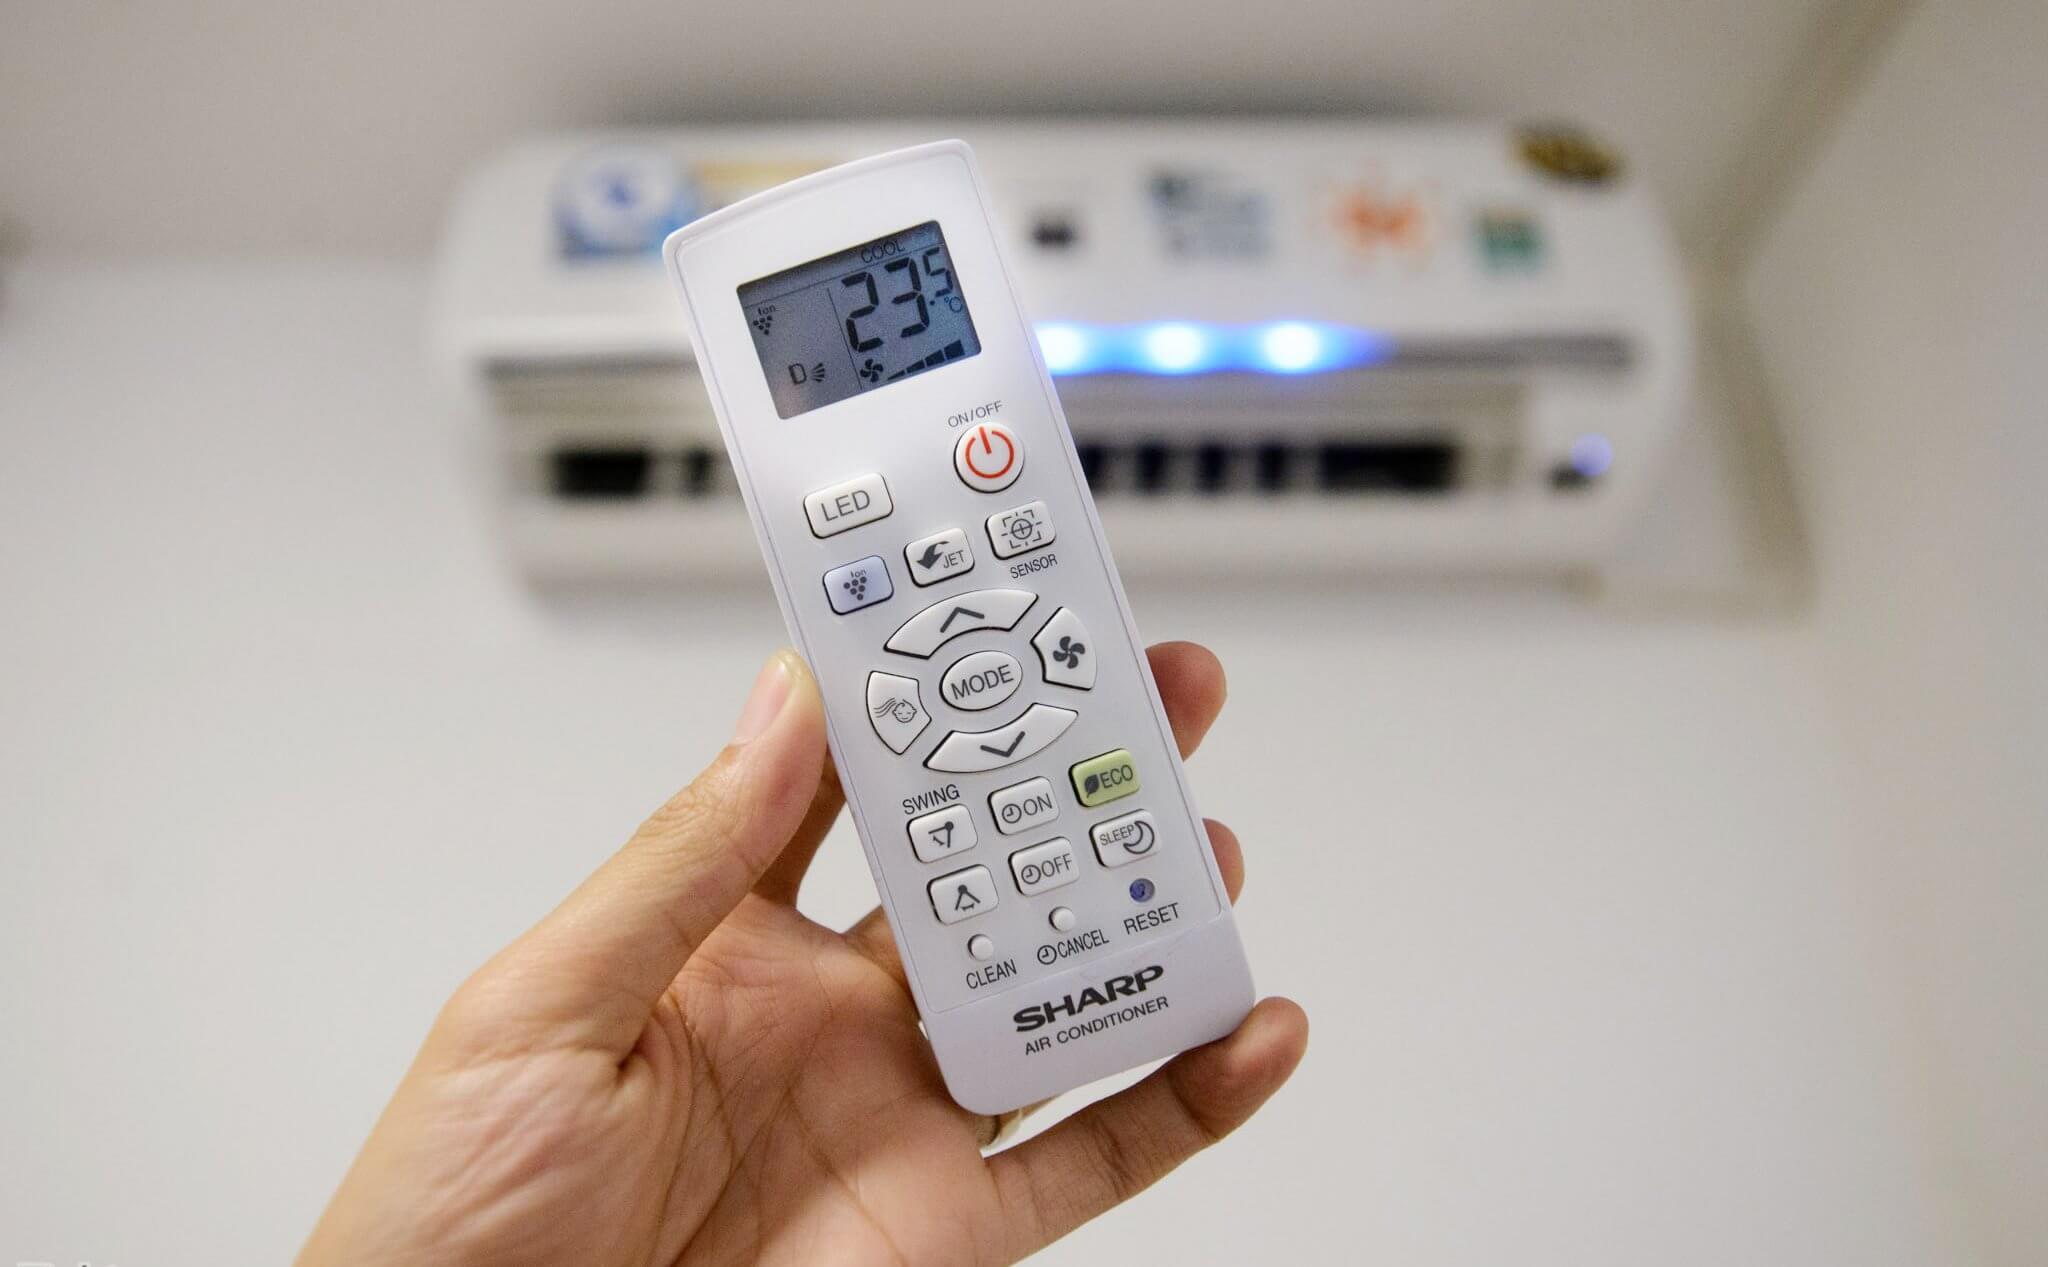 cách chuyển đổi từ độ C sang độ F ở điều khiển điều hòa, máy lạnh